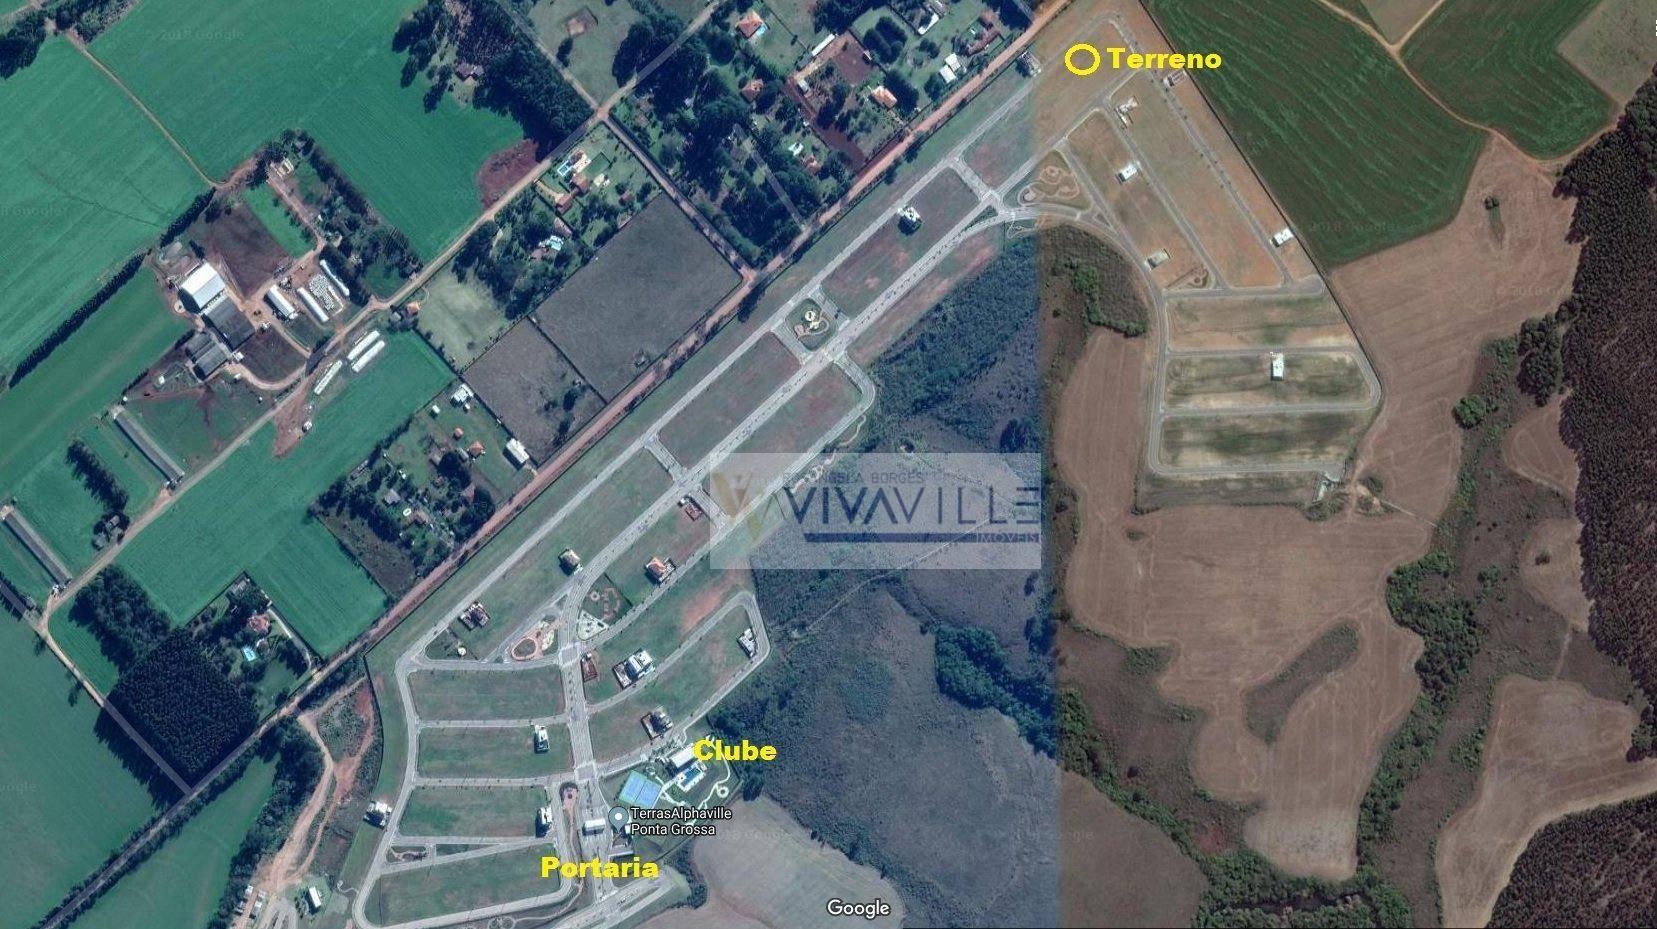 Terreno à venda, 302 m² por R$ 160.000 - Jardim Carvalho - Ponta Grossa/PR